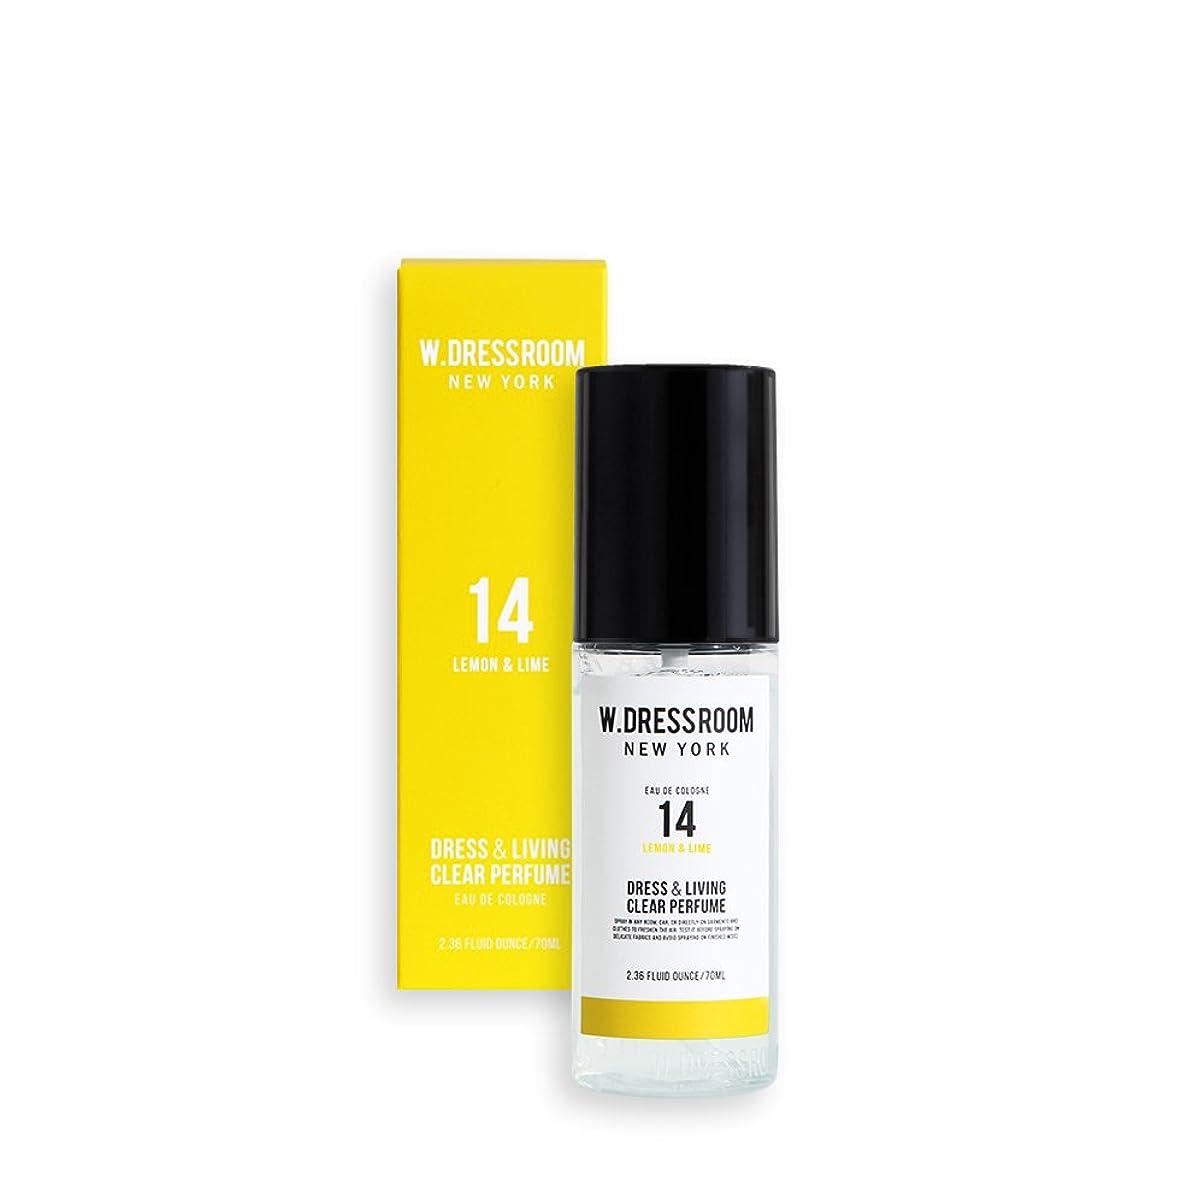 エントリボウルダウンタウンW.DRESSROOM Dress & Living Clear Perfume 70ml/ダブルドレスルーム ドレス&リビング クリア パフューム 70ml (#No.14 Lemon & Lime) [並行輸入品]